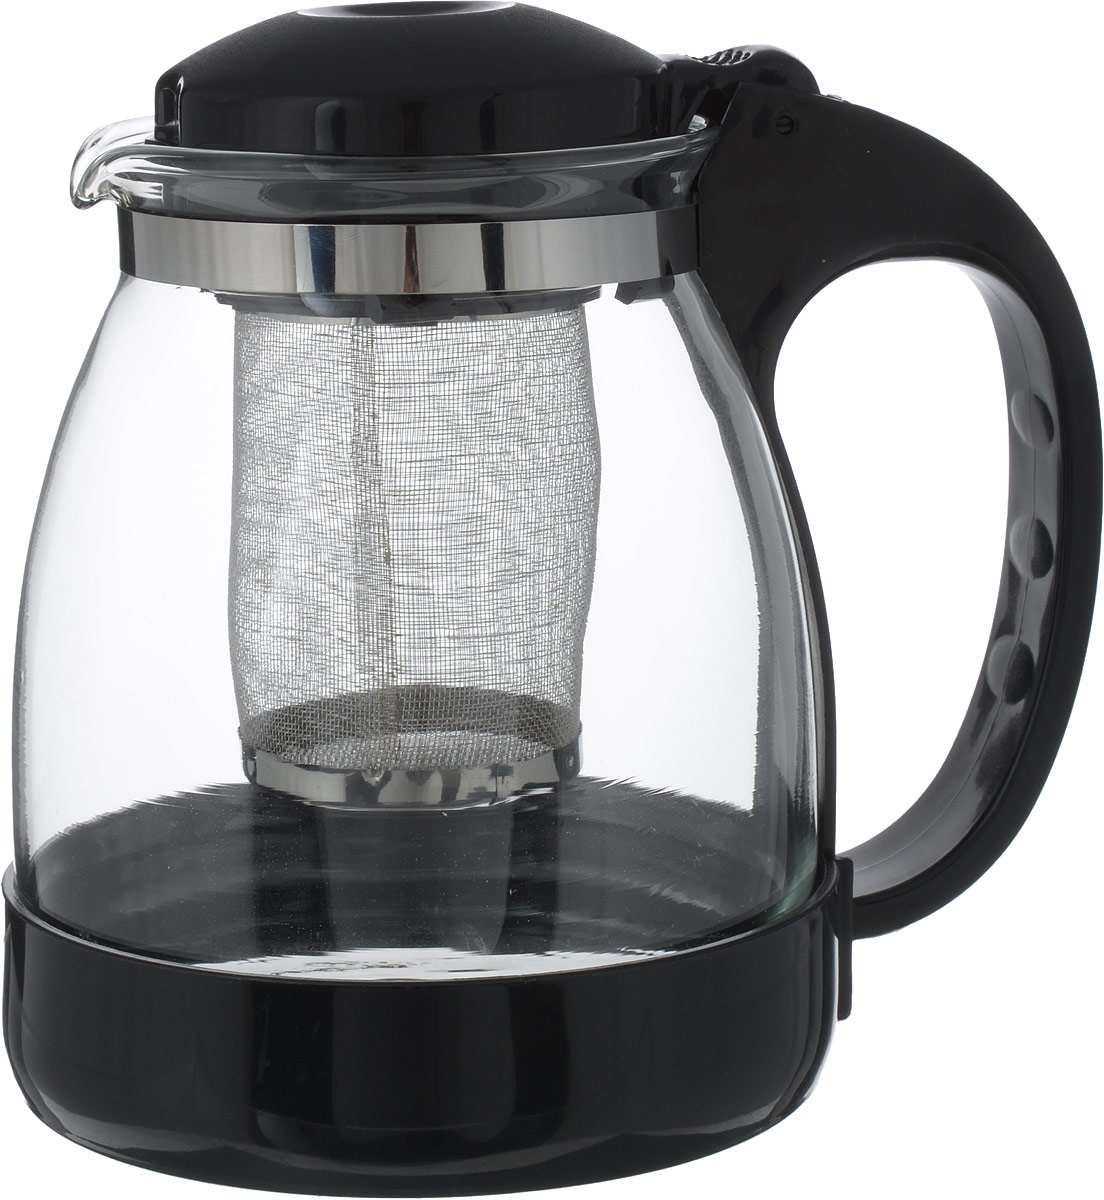 Чайник заварочный Irit, цвет: черный, 1 лKTZ-10-002Чайник заварочный 1 л.Термостойкий не нагревающийся пластик.Ударостойкое жаропрочное стекло, фильтр из высококачественной хромо-никелевой нержавеющей стали.